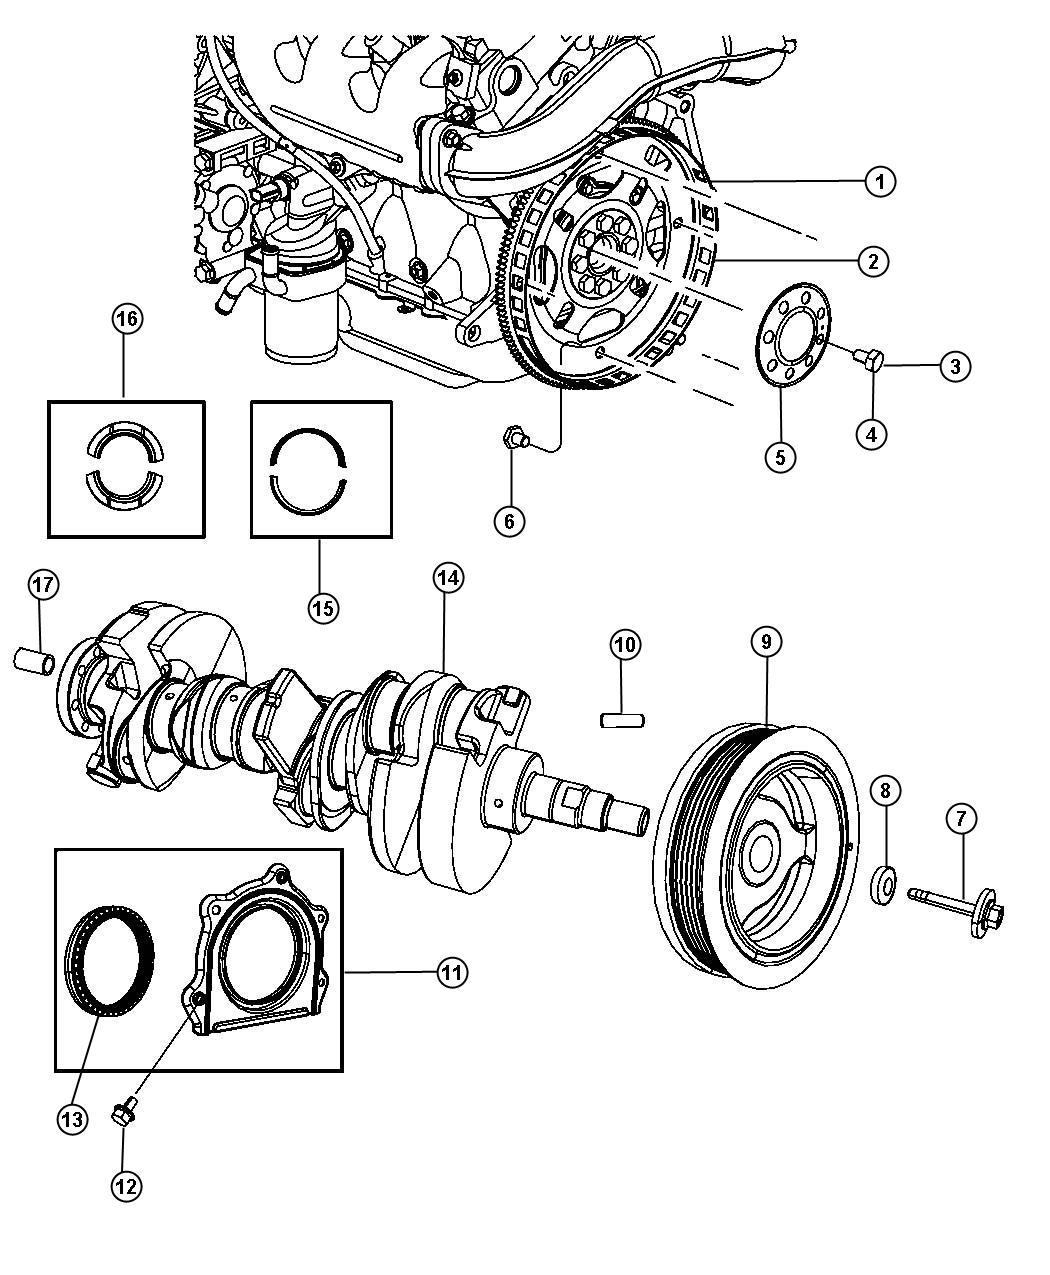 Jeep Wrangler Damper. Crankshaft. Bearings, egt, flywheel